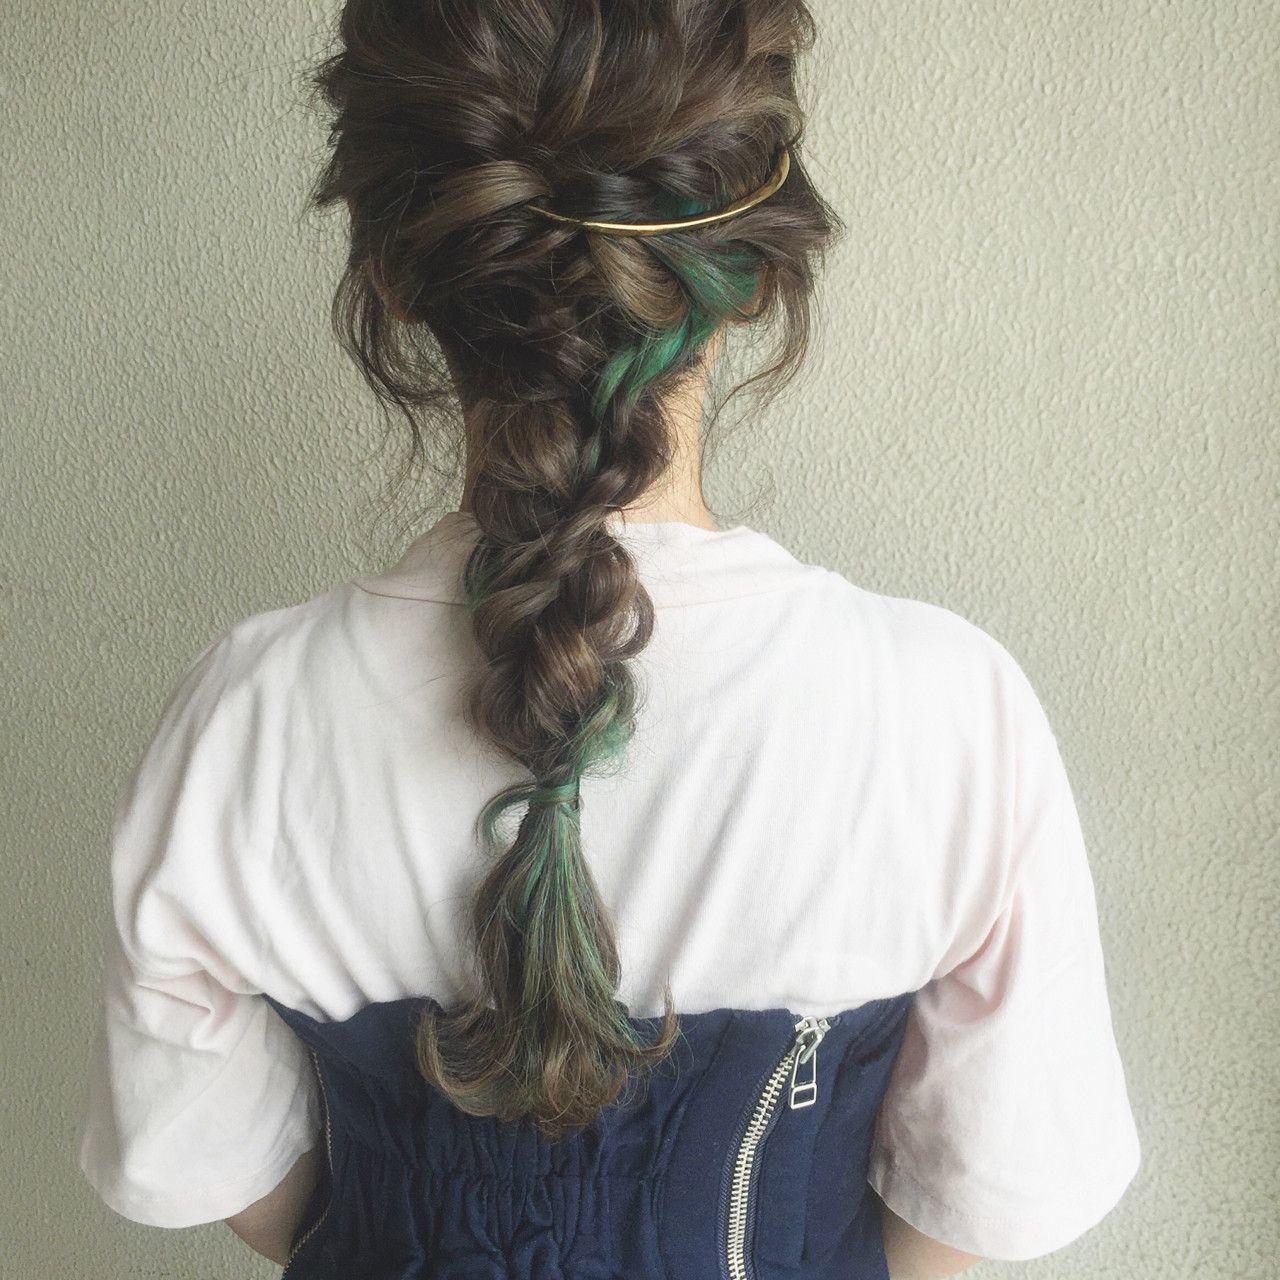 髪型別《簡単ヘアアレンジやり方入門編》かわいい髪型講座開講です♡の32枚目の画像